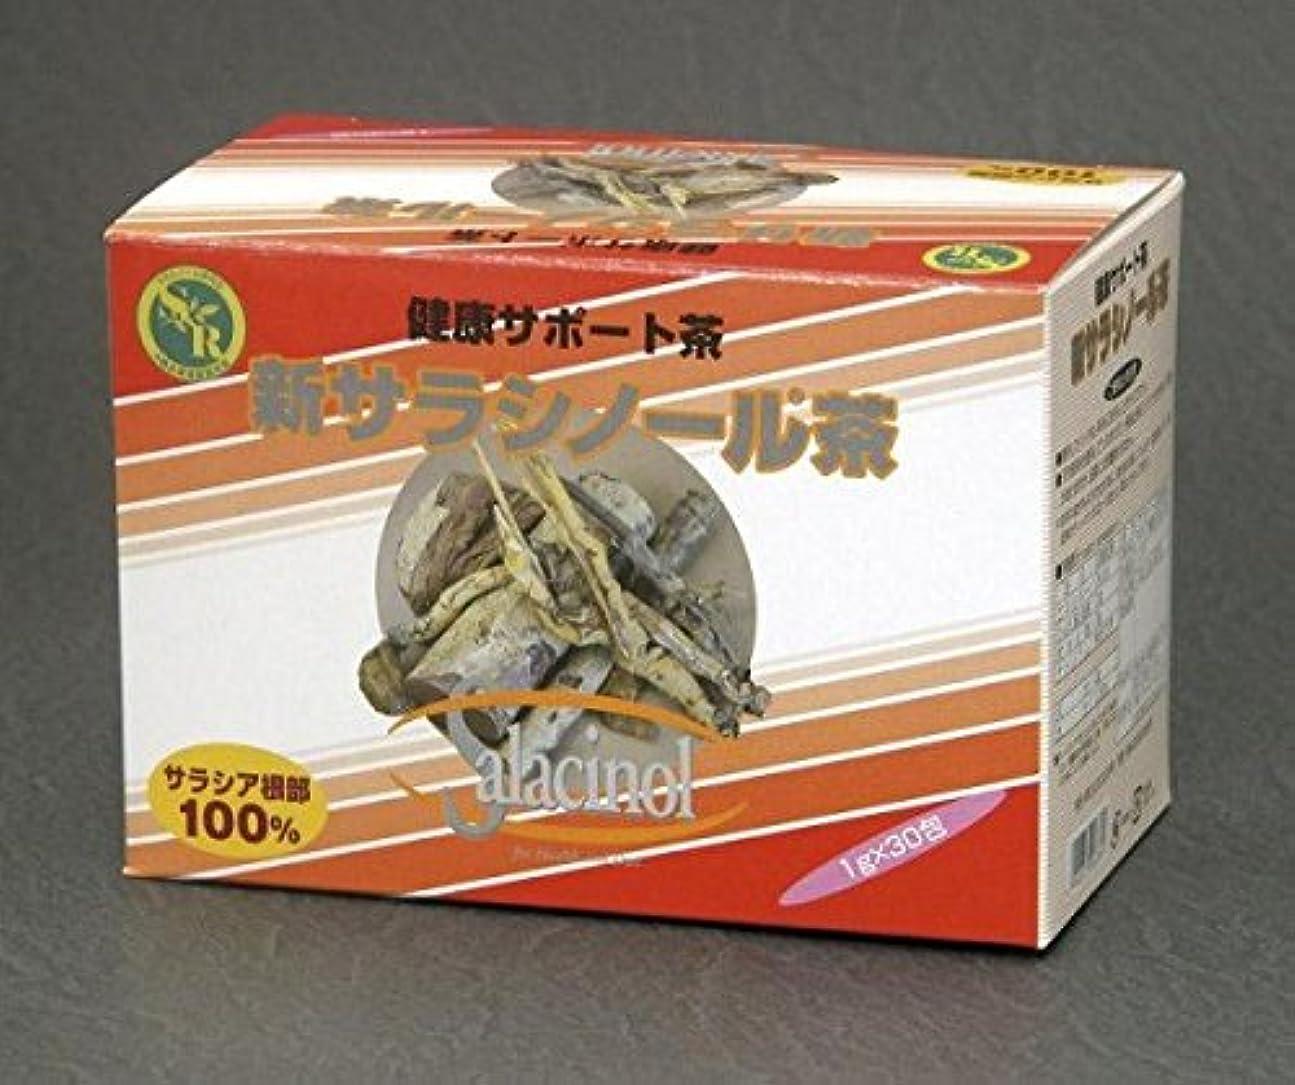 煙郊外質量新サラシノール茶 1×30包